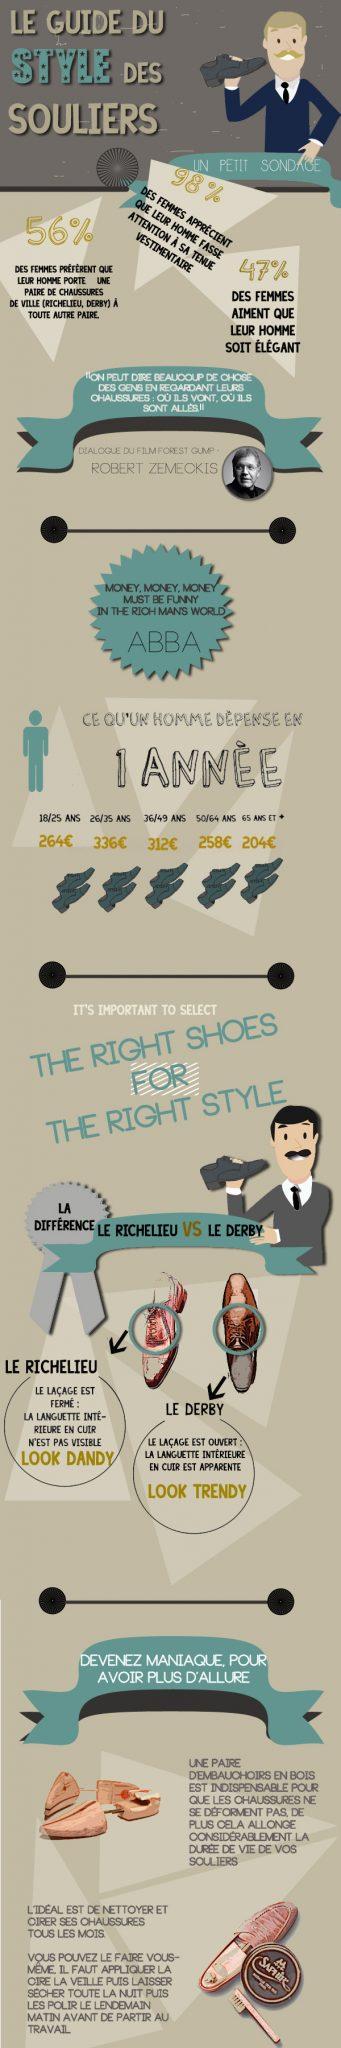 Le guide du style des souliers